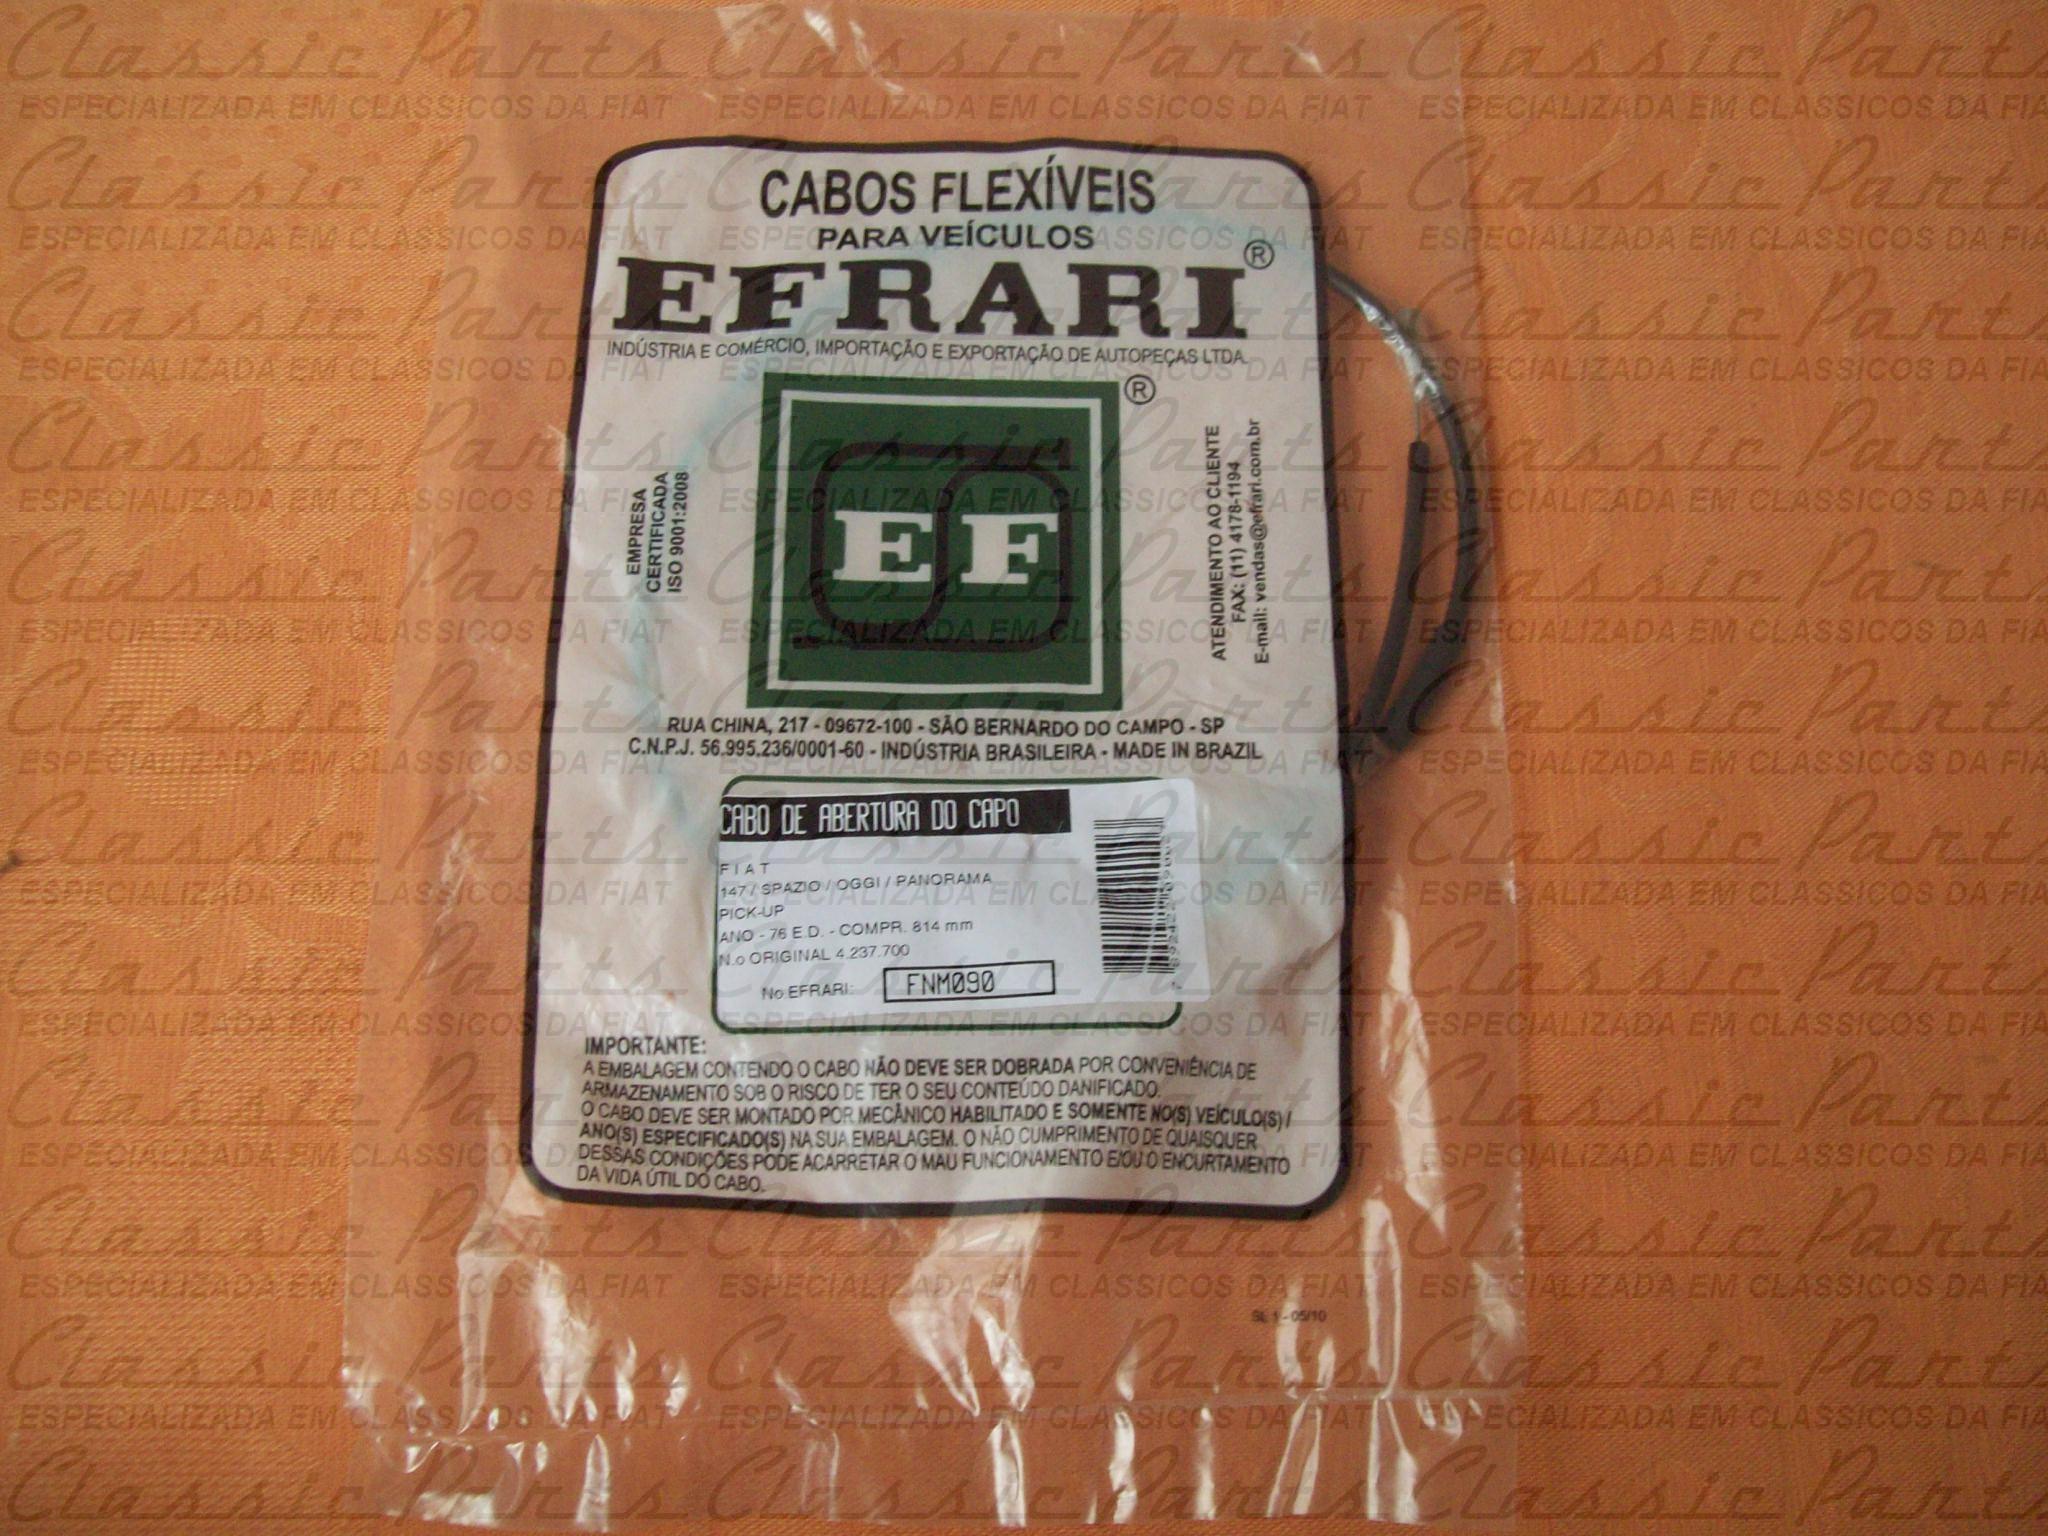 CABO ABERTURA CAPO EFRARI FAMILIA FIAT 147